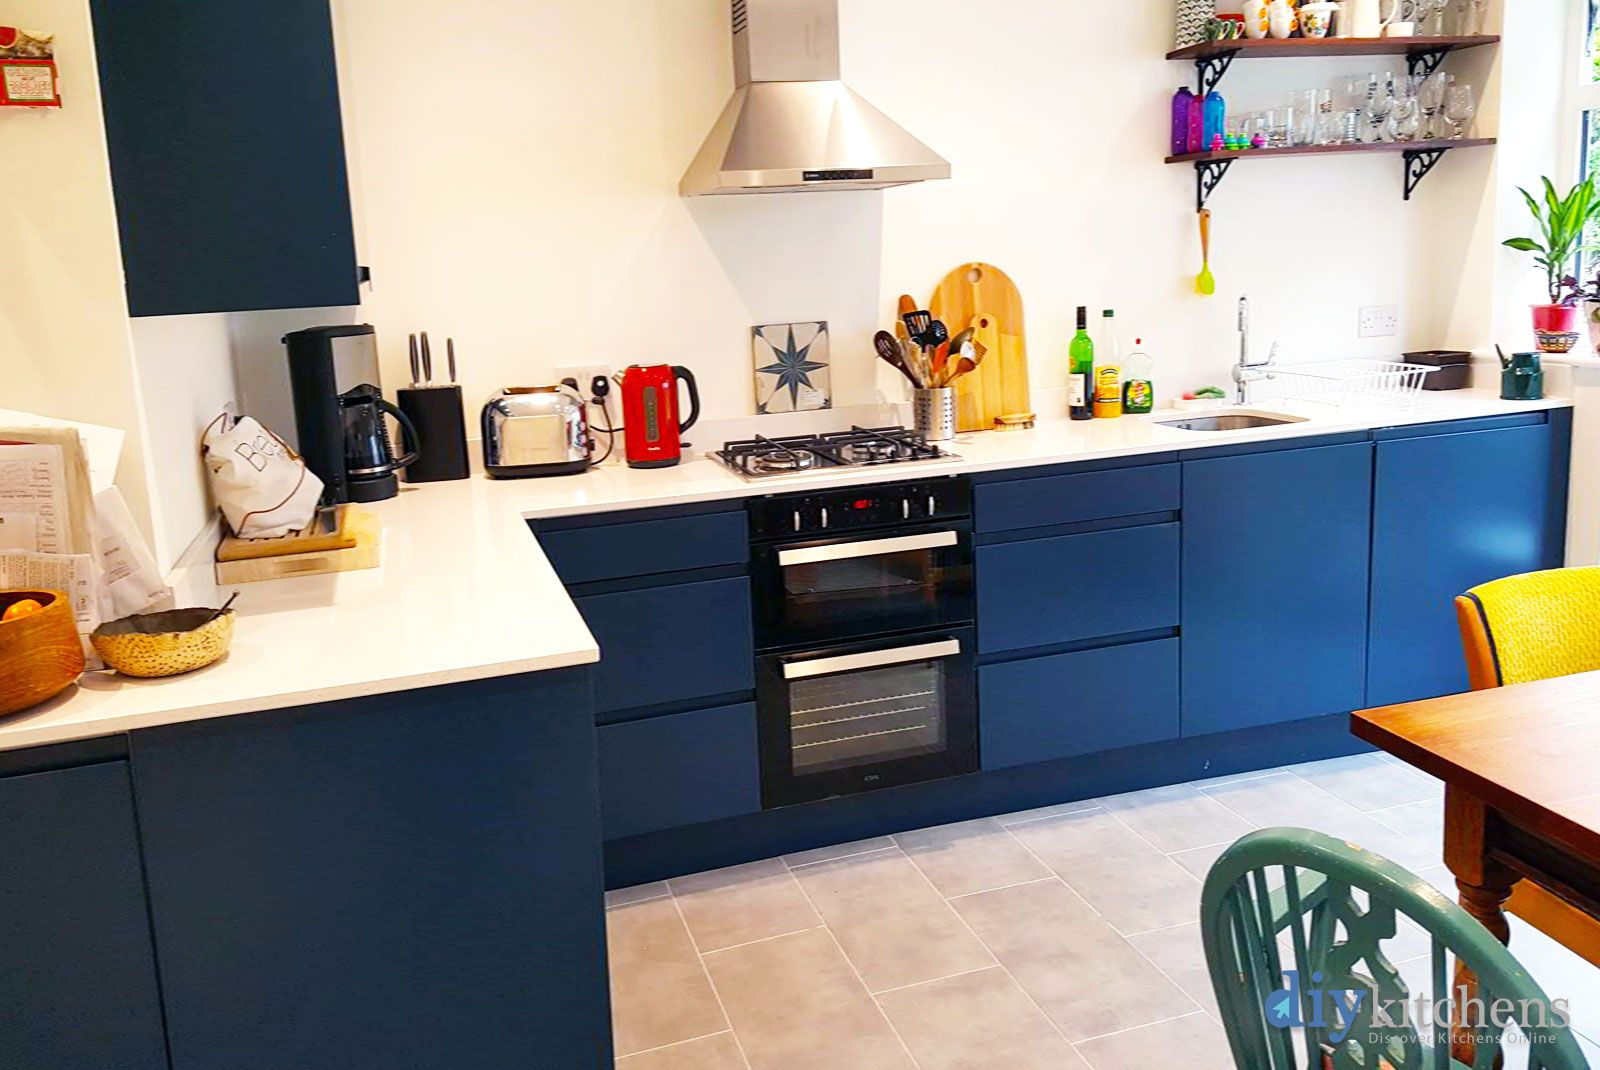 An Innova Luca Bespoke Painted Handleless Kitchen Diy